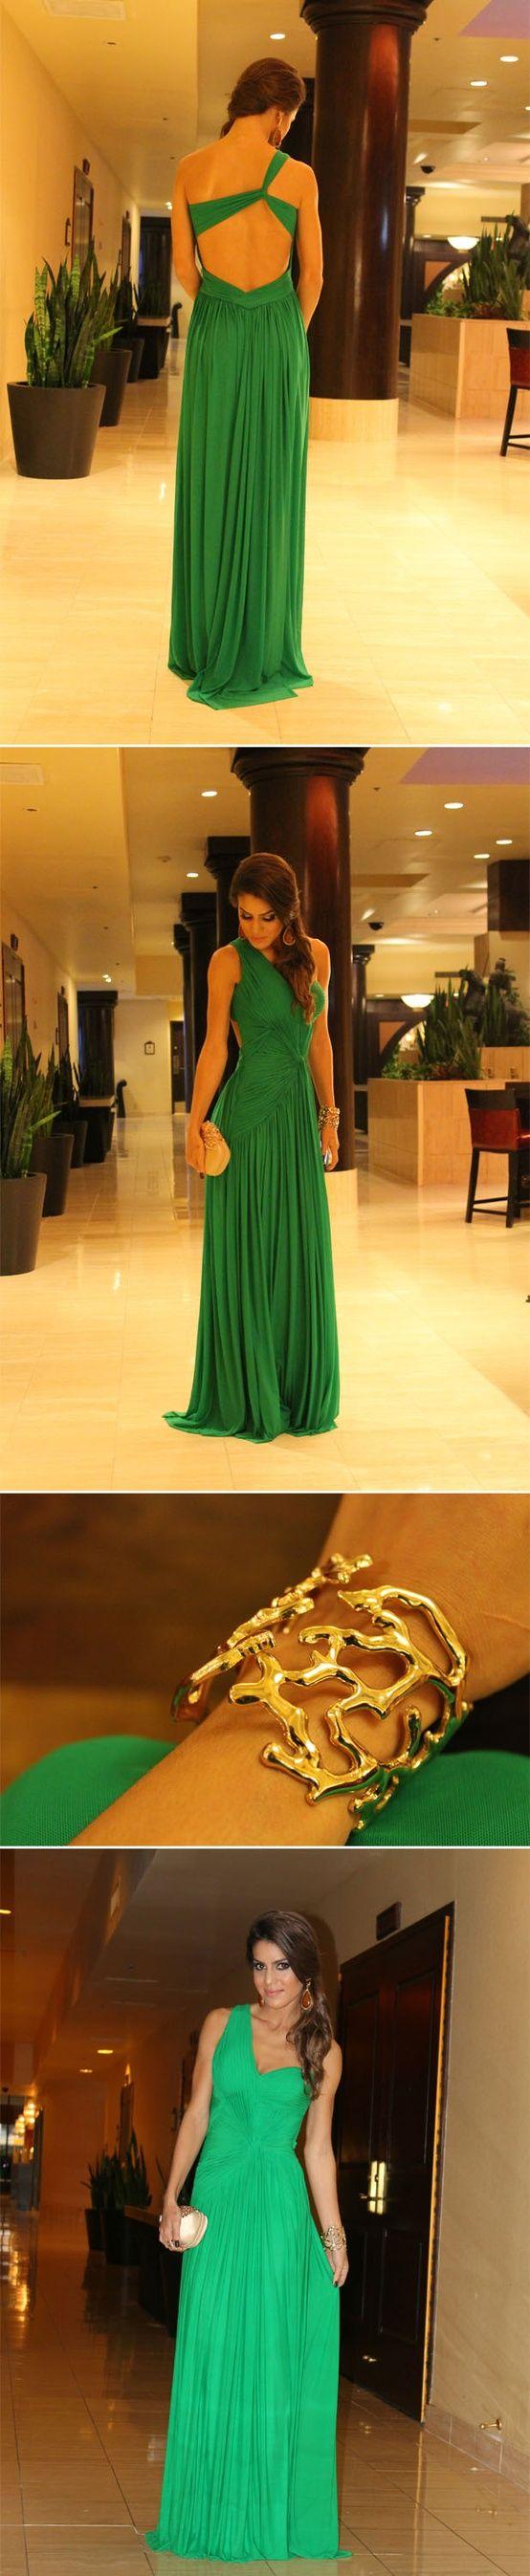 Si tienes un evento que se aproxima, ya sea una boda, un cumpleañosy es de gala, pues no te queda mas que usar un elegante y trendy vestido de noche, puede ser largo o corto, el toque de elegancia seRead More